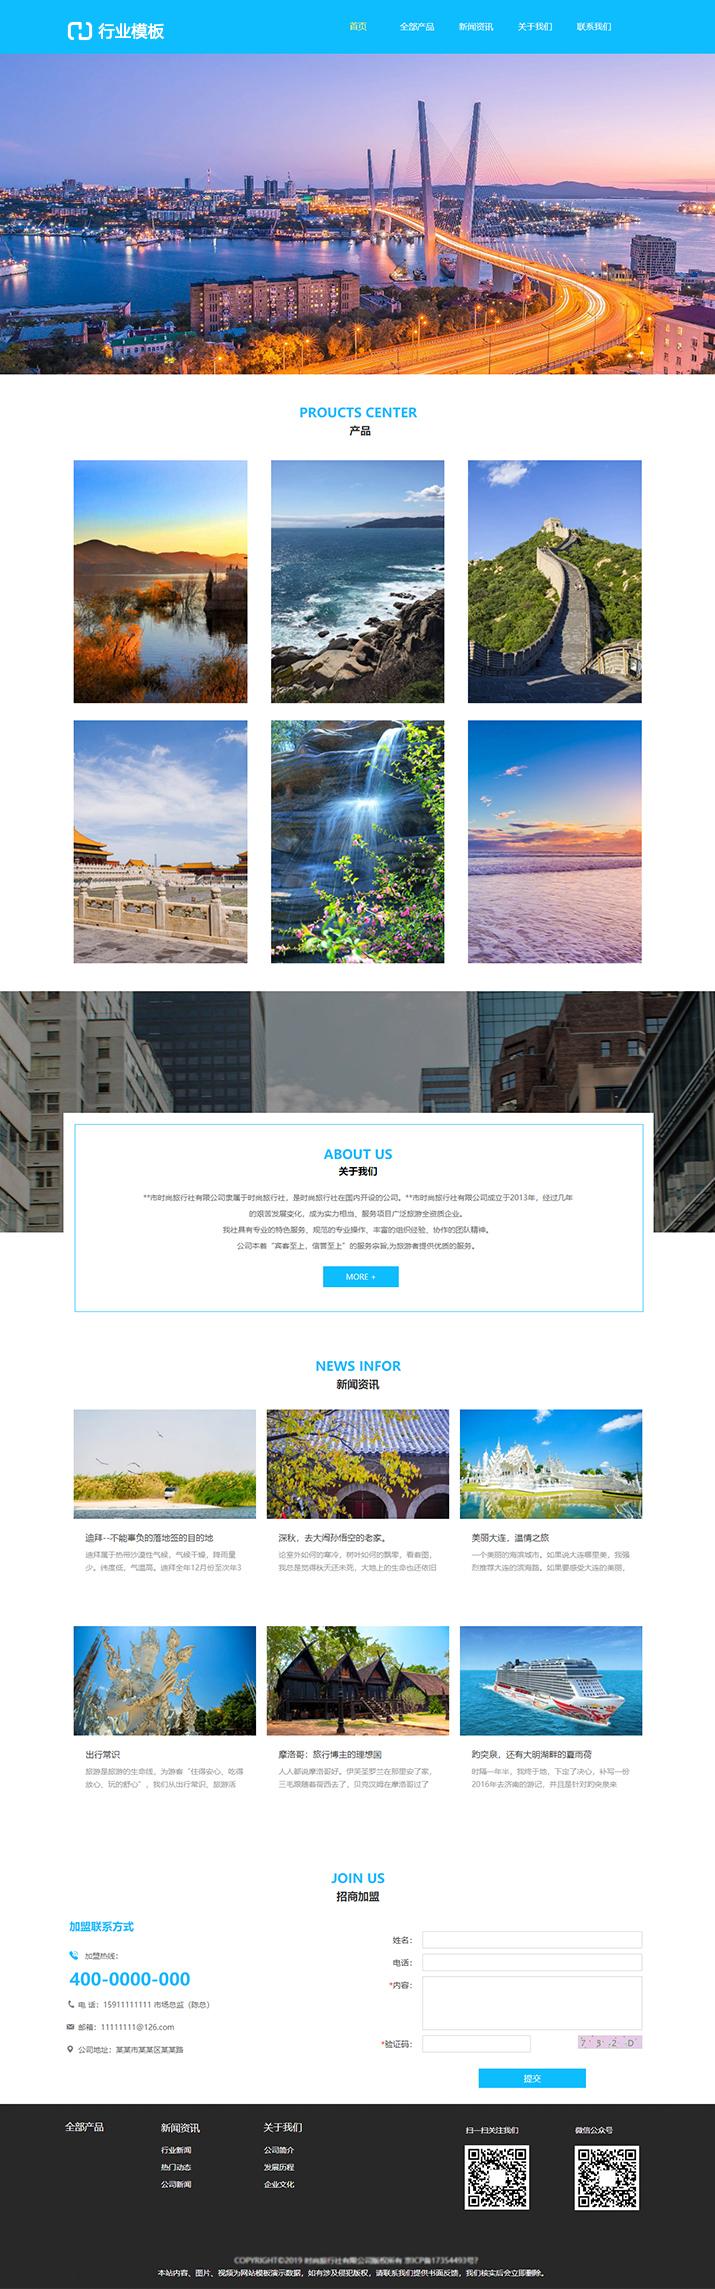 旅行社免费网站模板